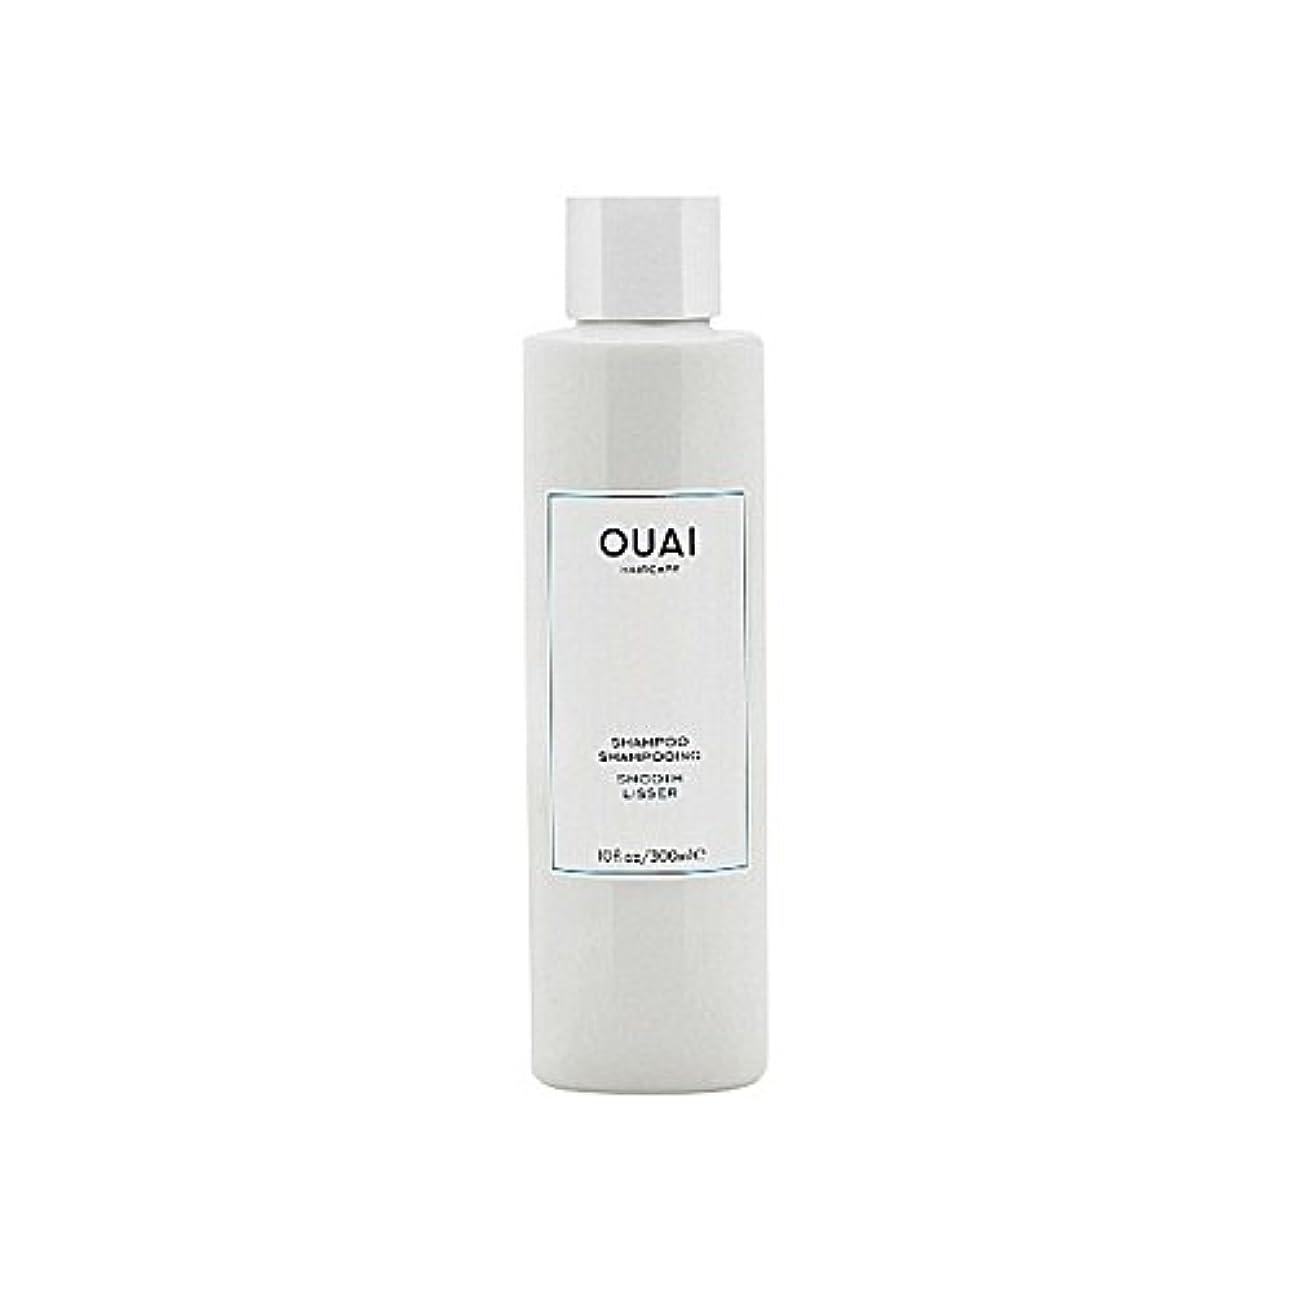 回答遠洋の突破口Ouai Smooth Shampoo 300ml - スムーズなシャンプー300ミリリットル [並行輸入品]